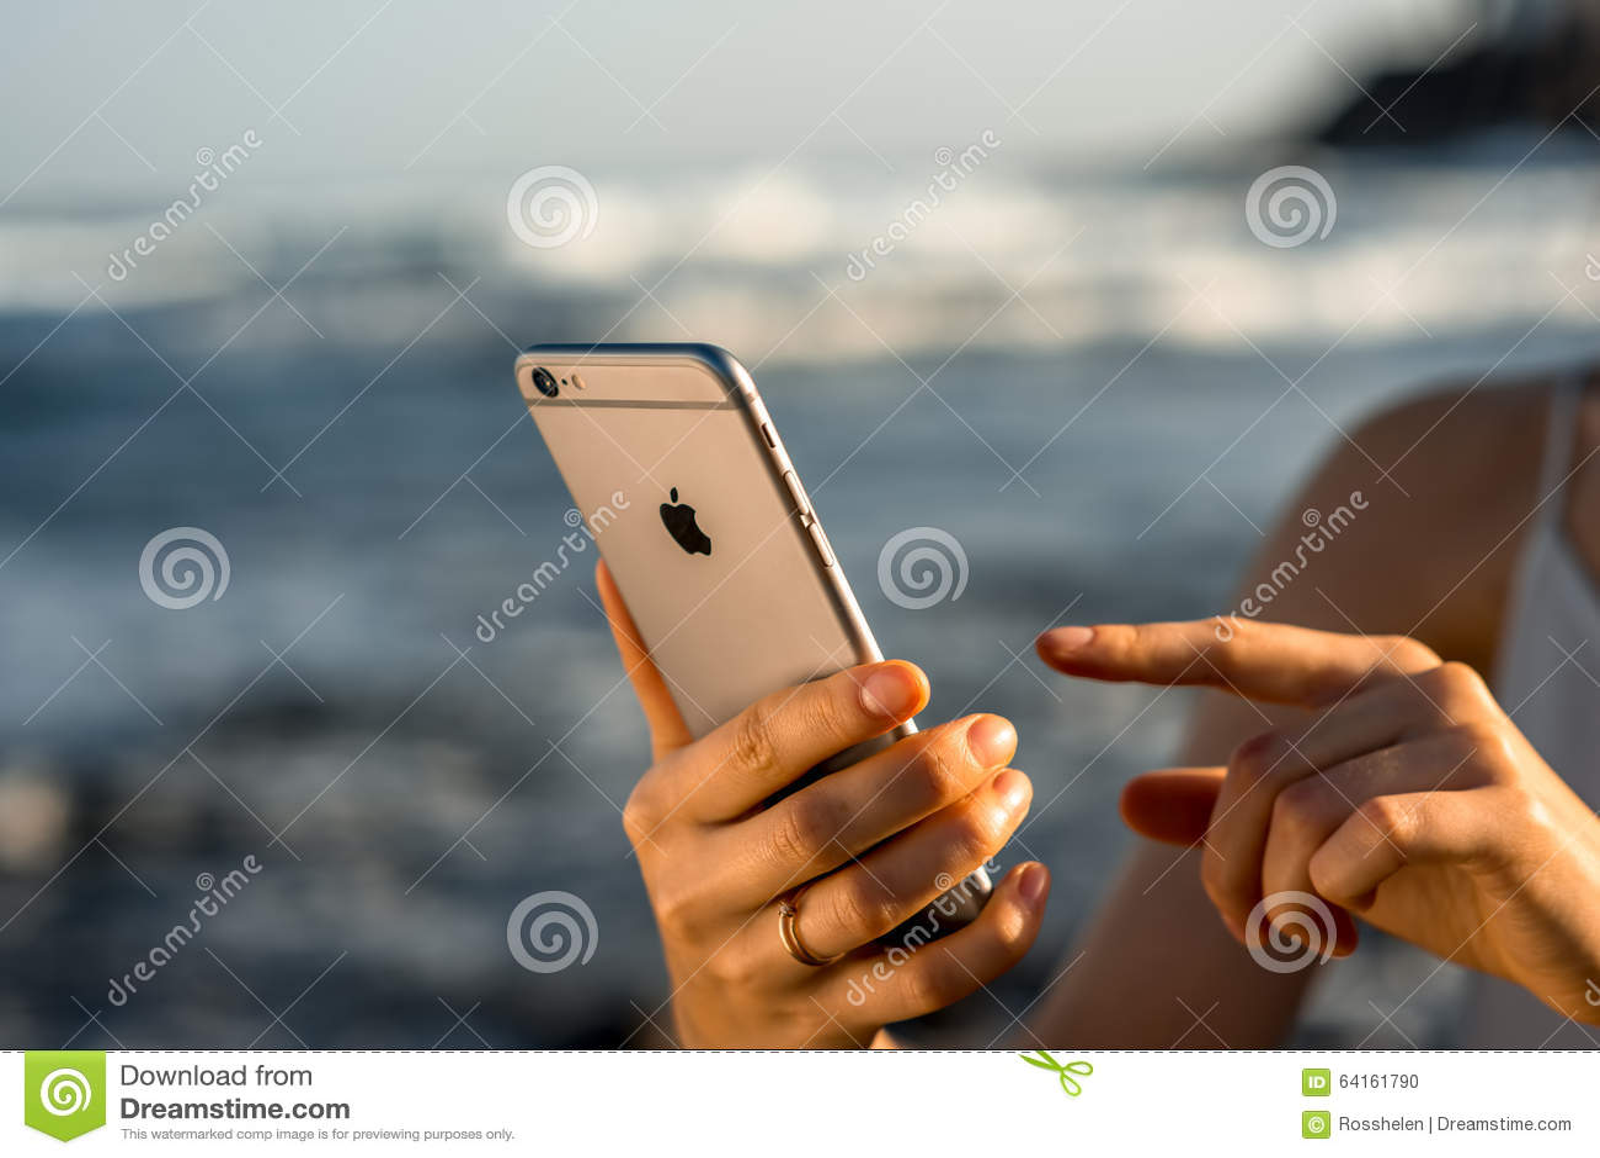 举行新的iPhone 6s的女性手间隔灰色